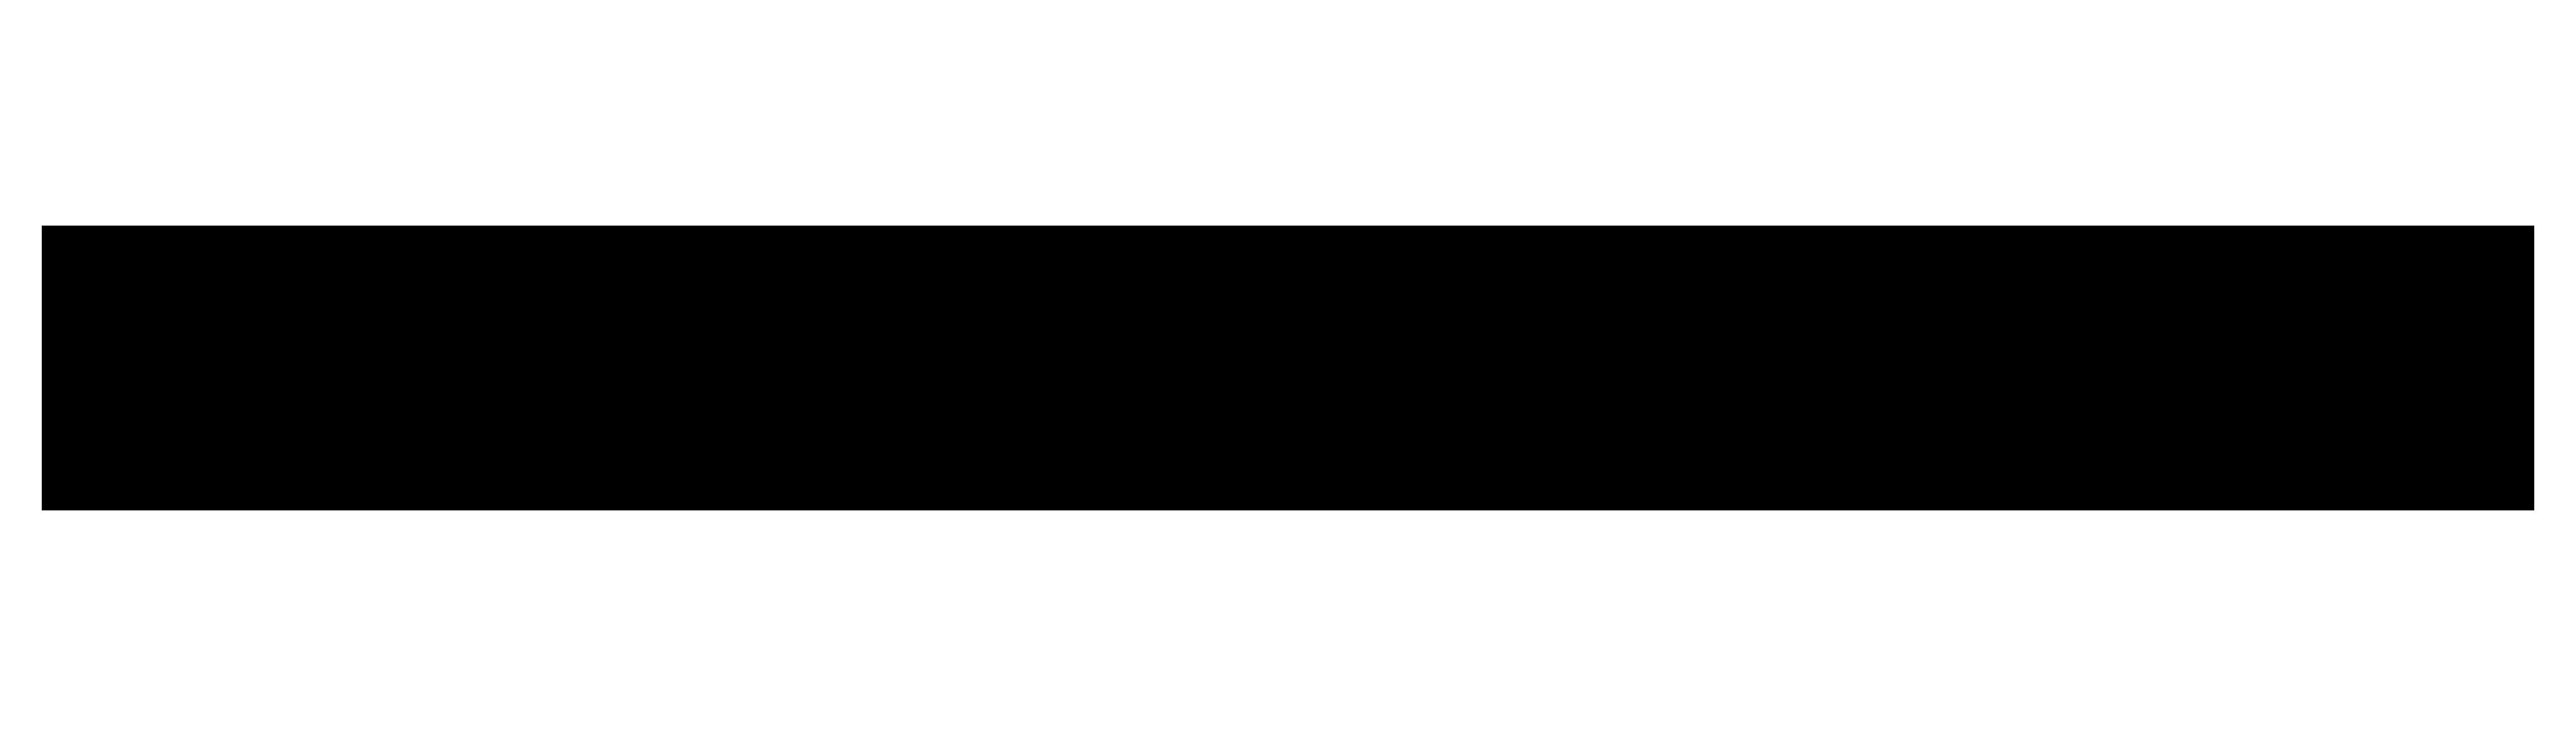 Concept scheme of Marmomac 2016 booth designed by Debiasi Sandri for Grassi Pietre